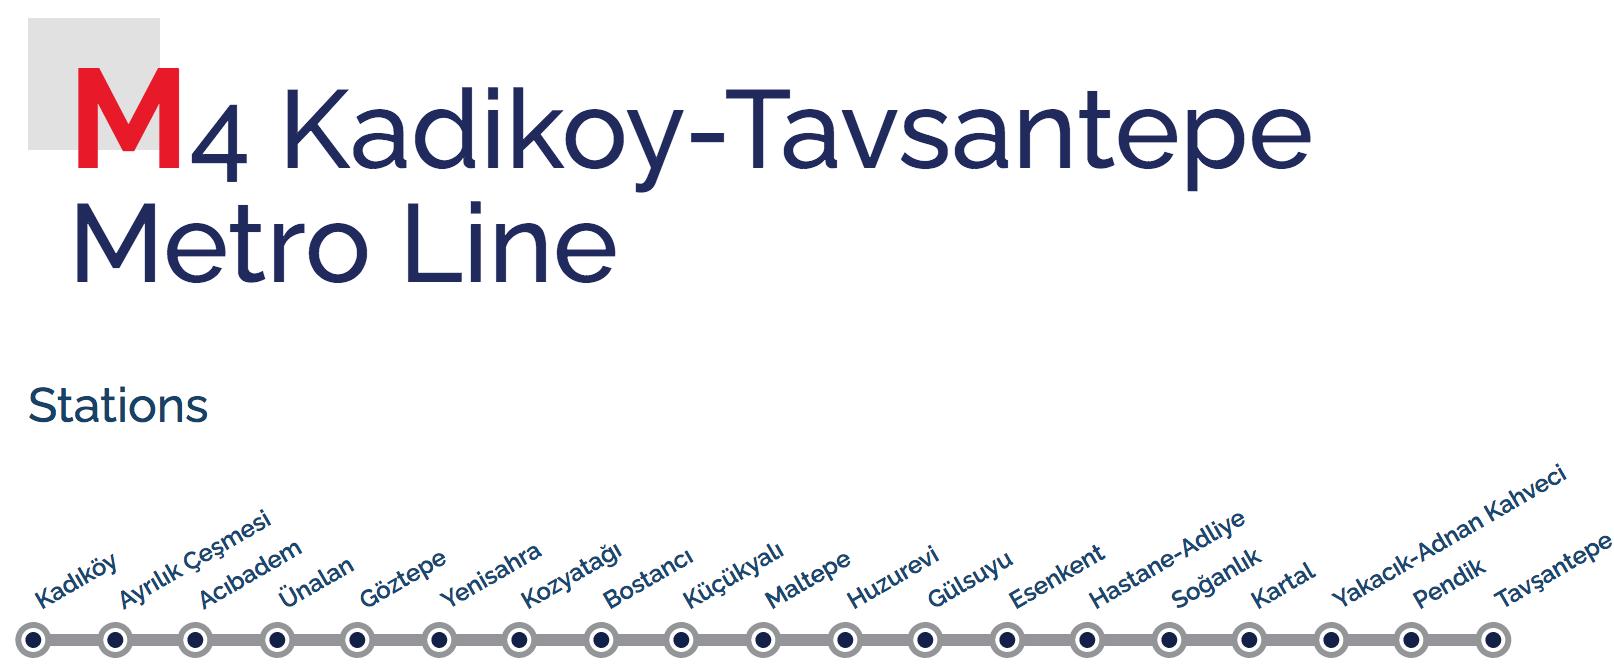 Маршрут метро в Стамбуле M4